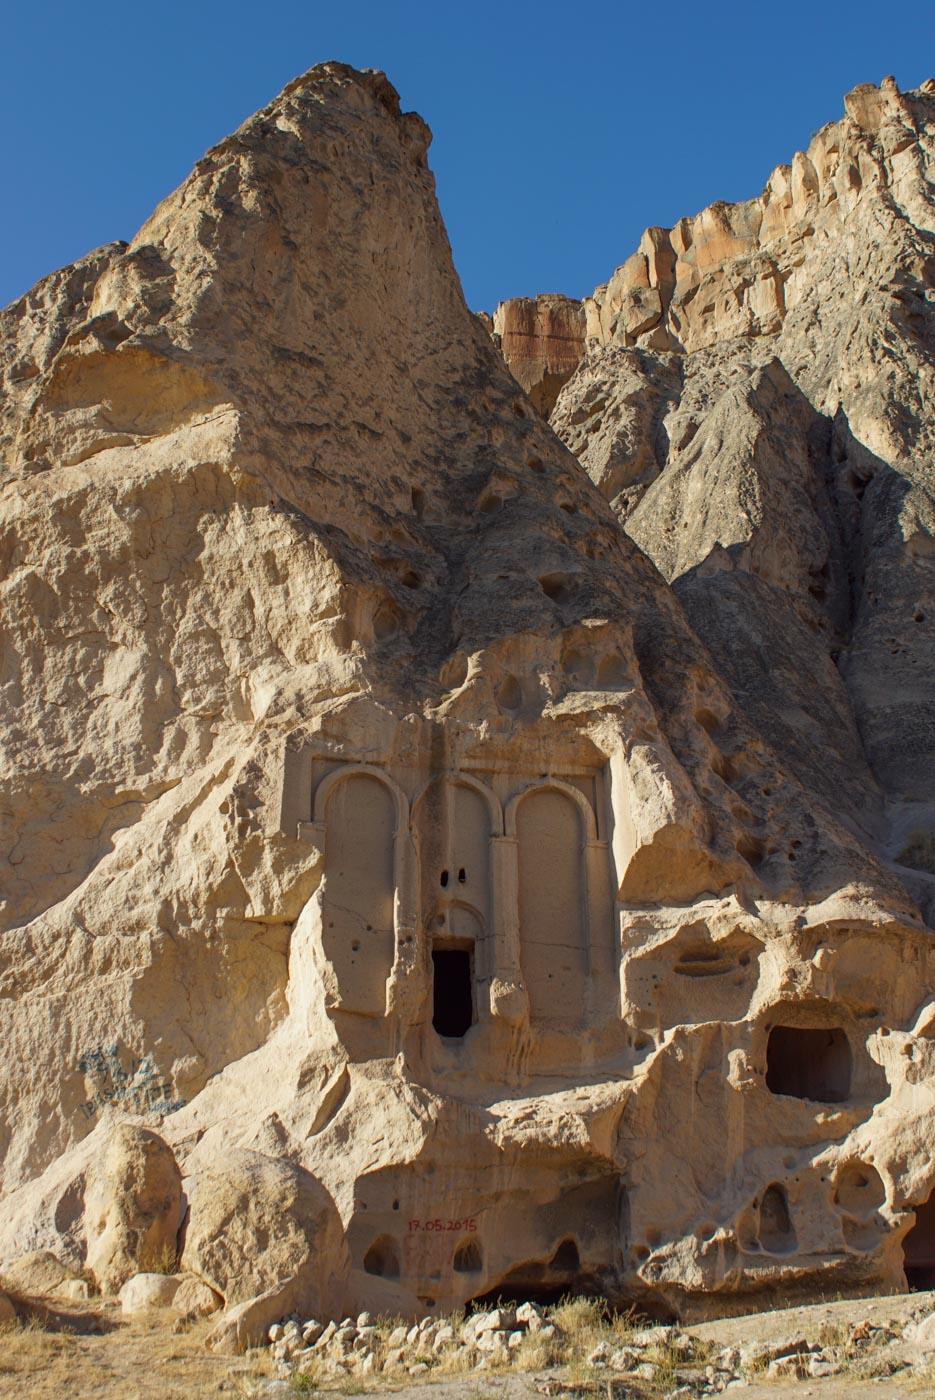 Zu sehen ist die in eine der Sandsteinformationen in Kappadokien ein beeindruckender Säuleneingang in den Felsen gehauen ist daneben befinden sich noch mehrere kleinere Höhlen